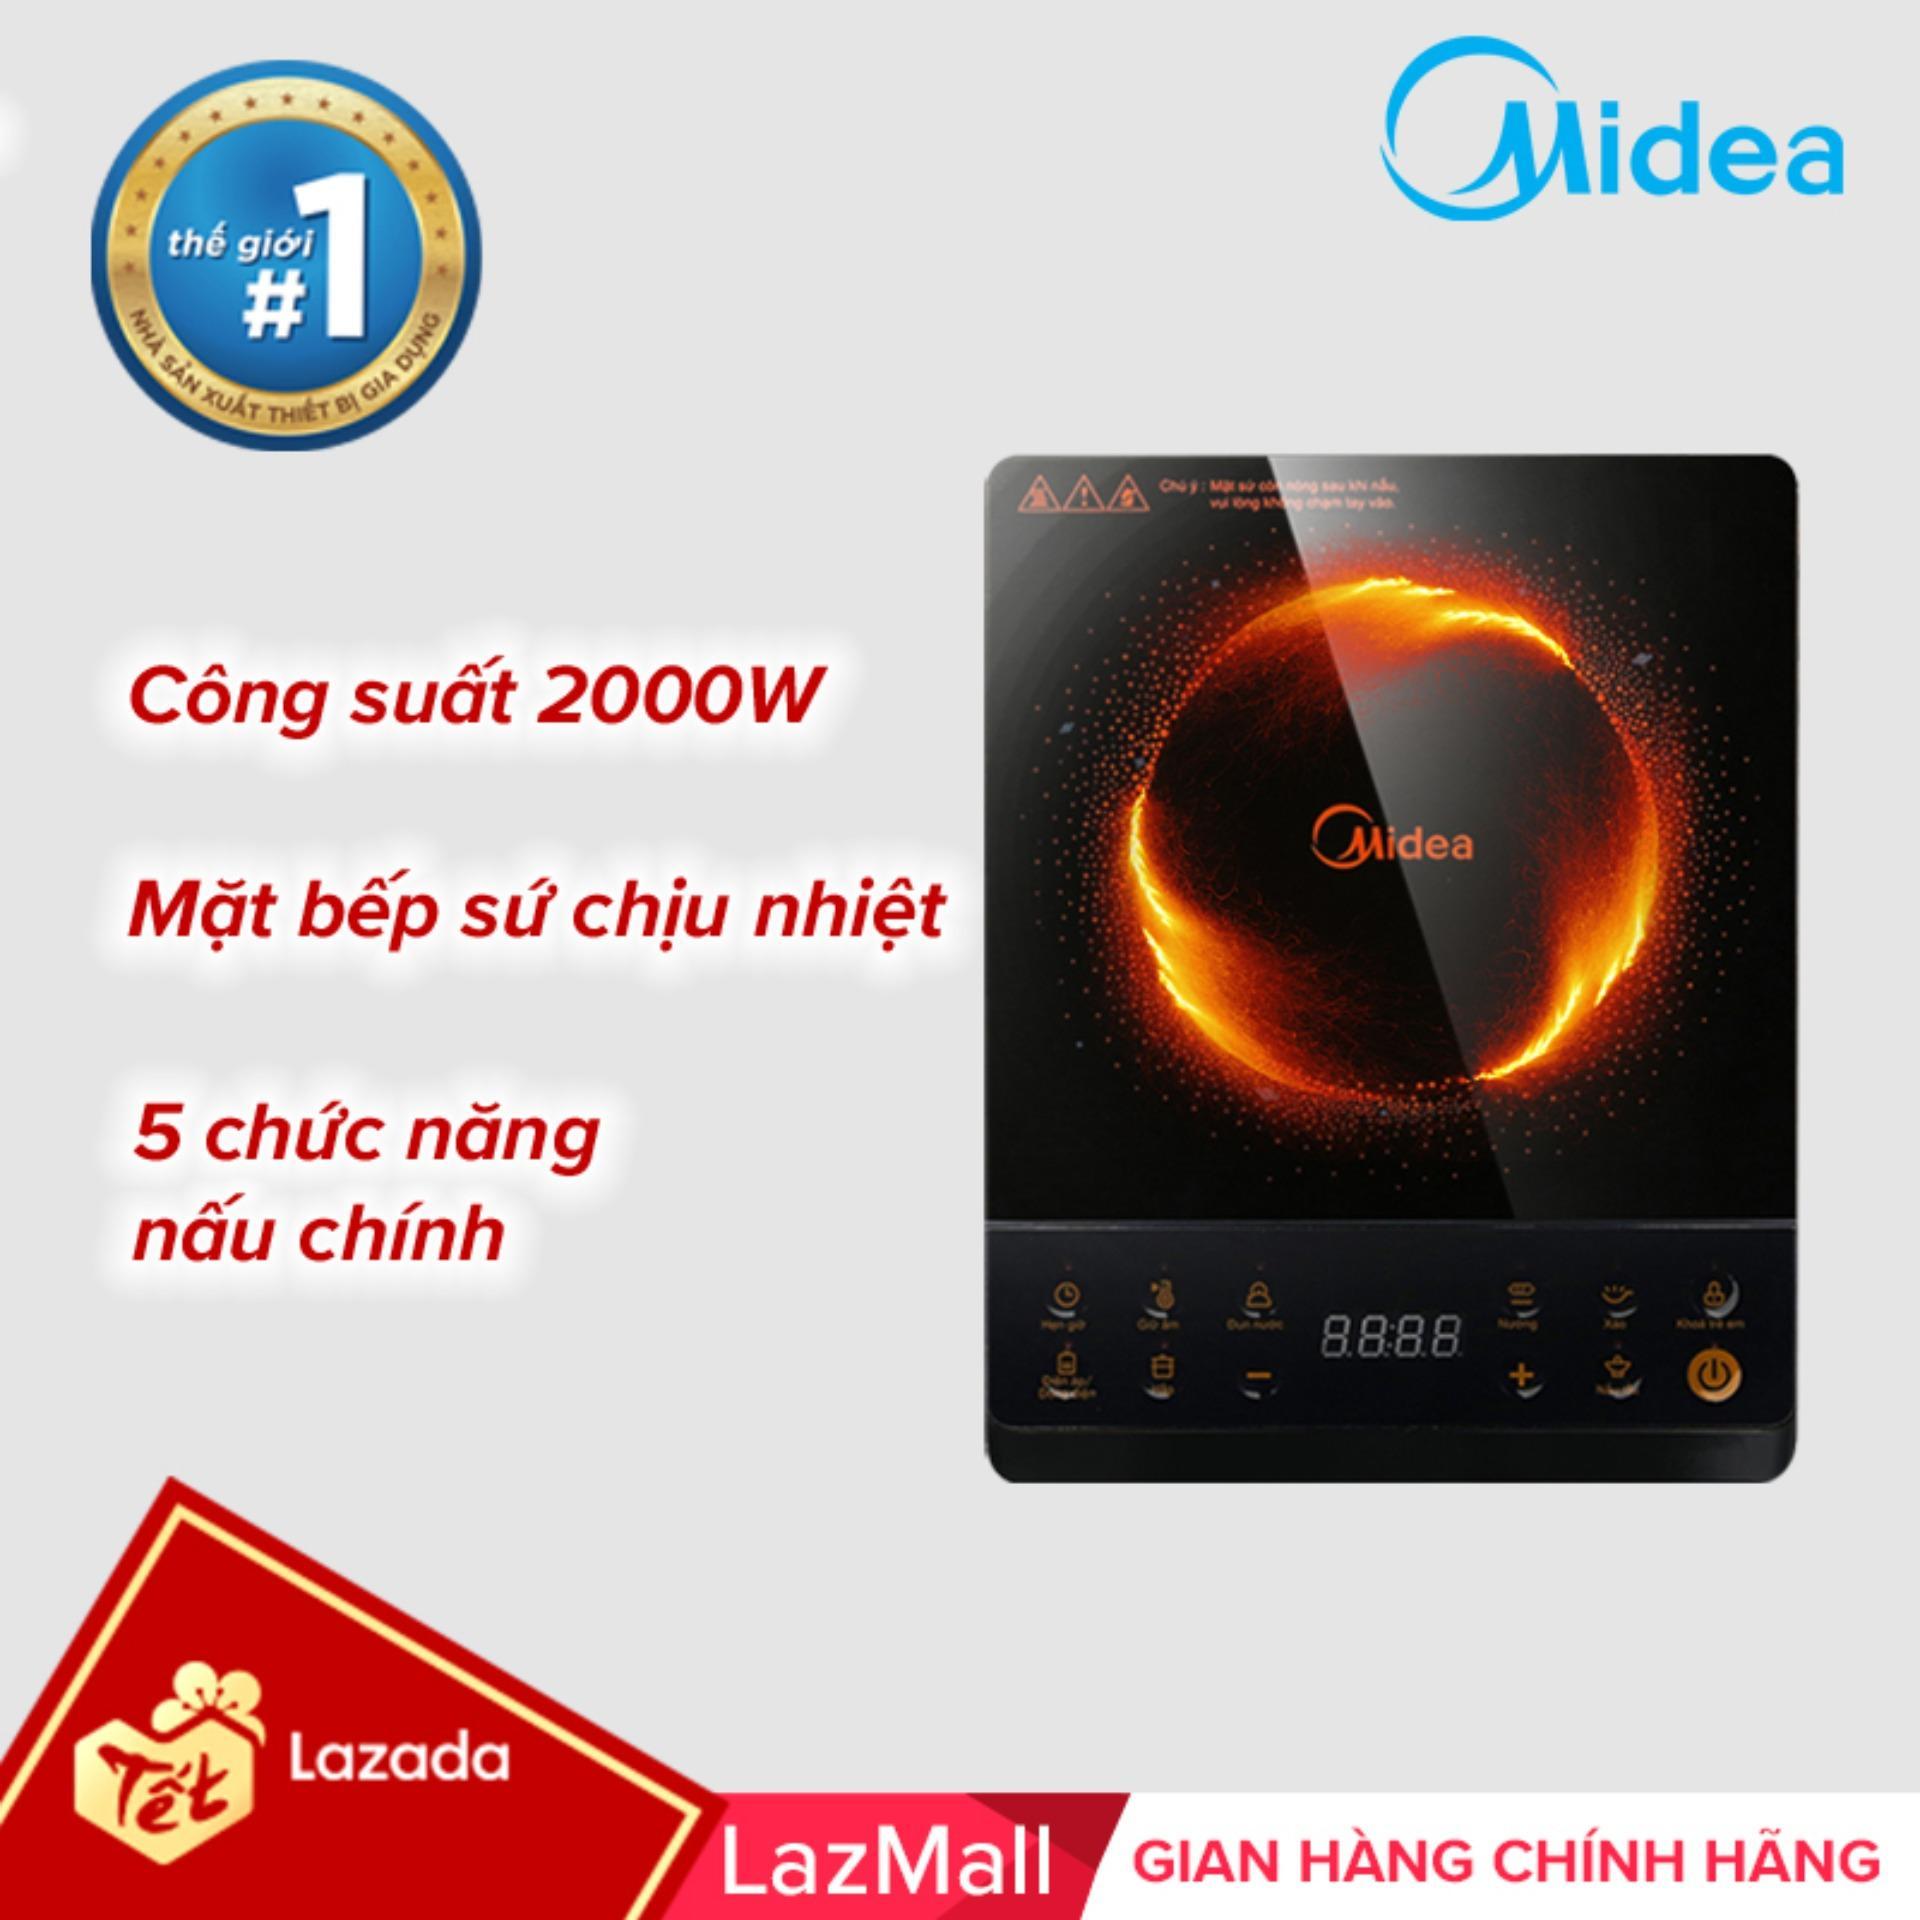 Midea bếp hồng ngoại cơ chịu nhiệt công suất 2000W không kén nồi mẫu 2019 Midea MIR-B2018DG - Bảo hành 1 năm chính hãng